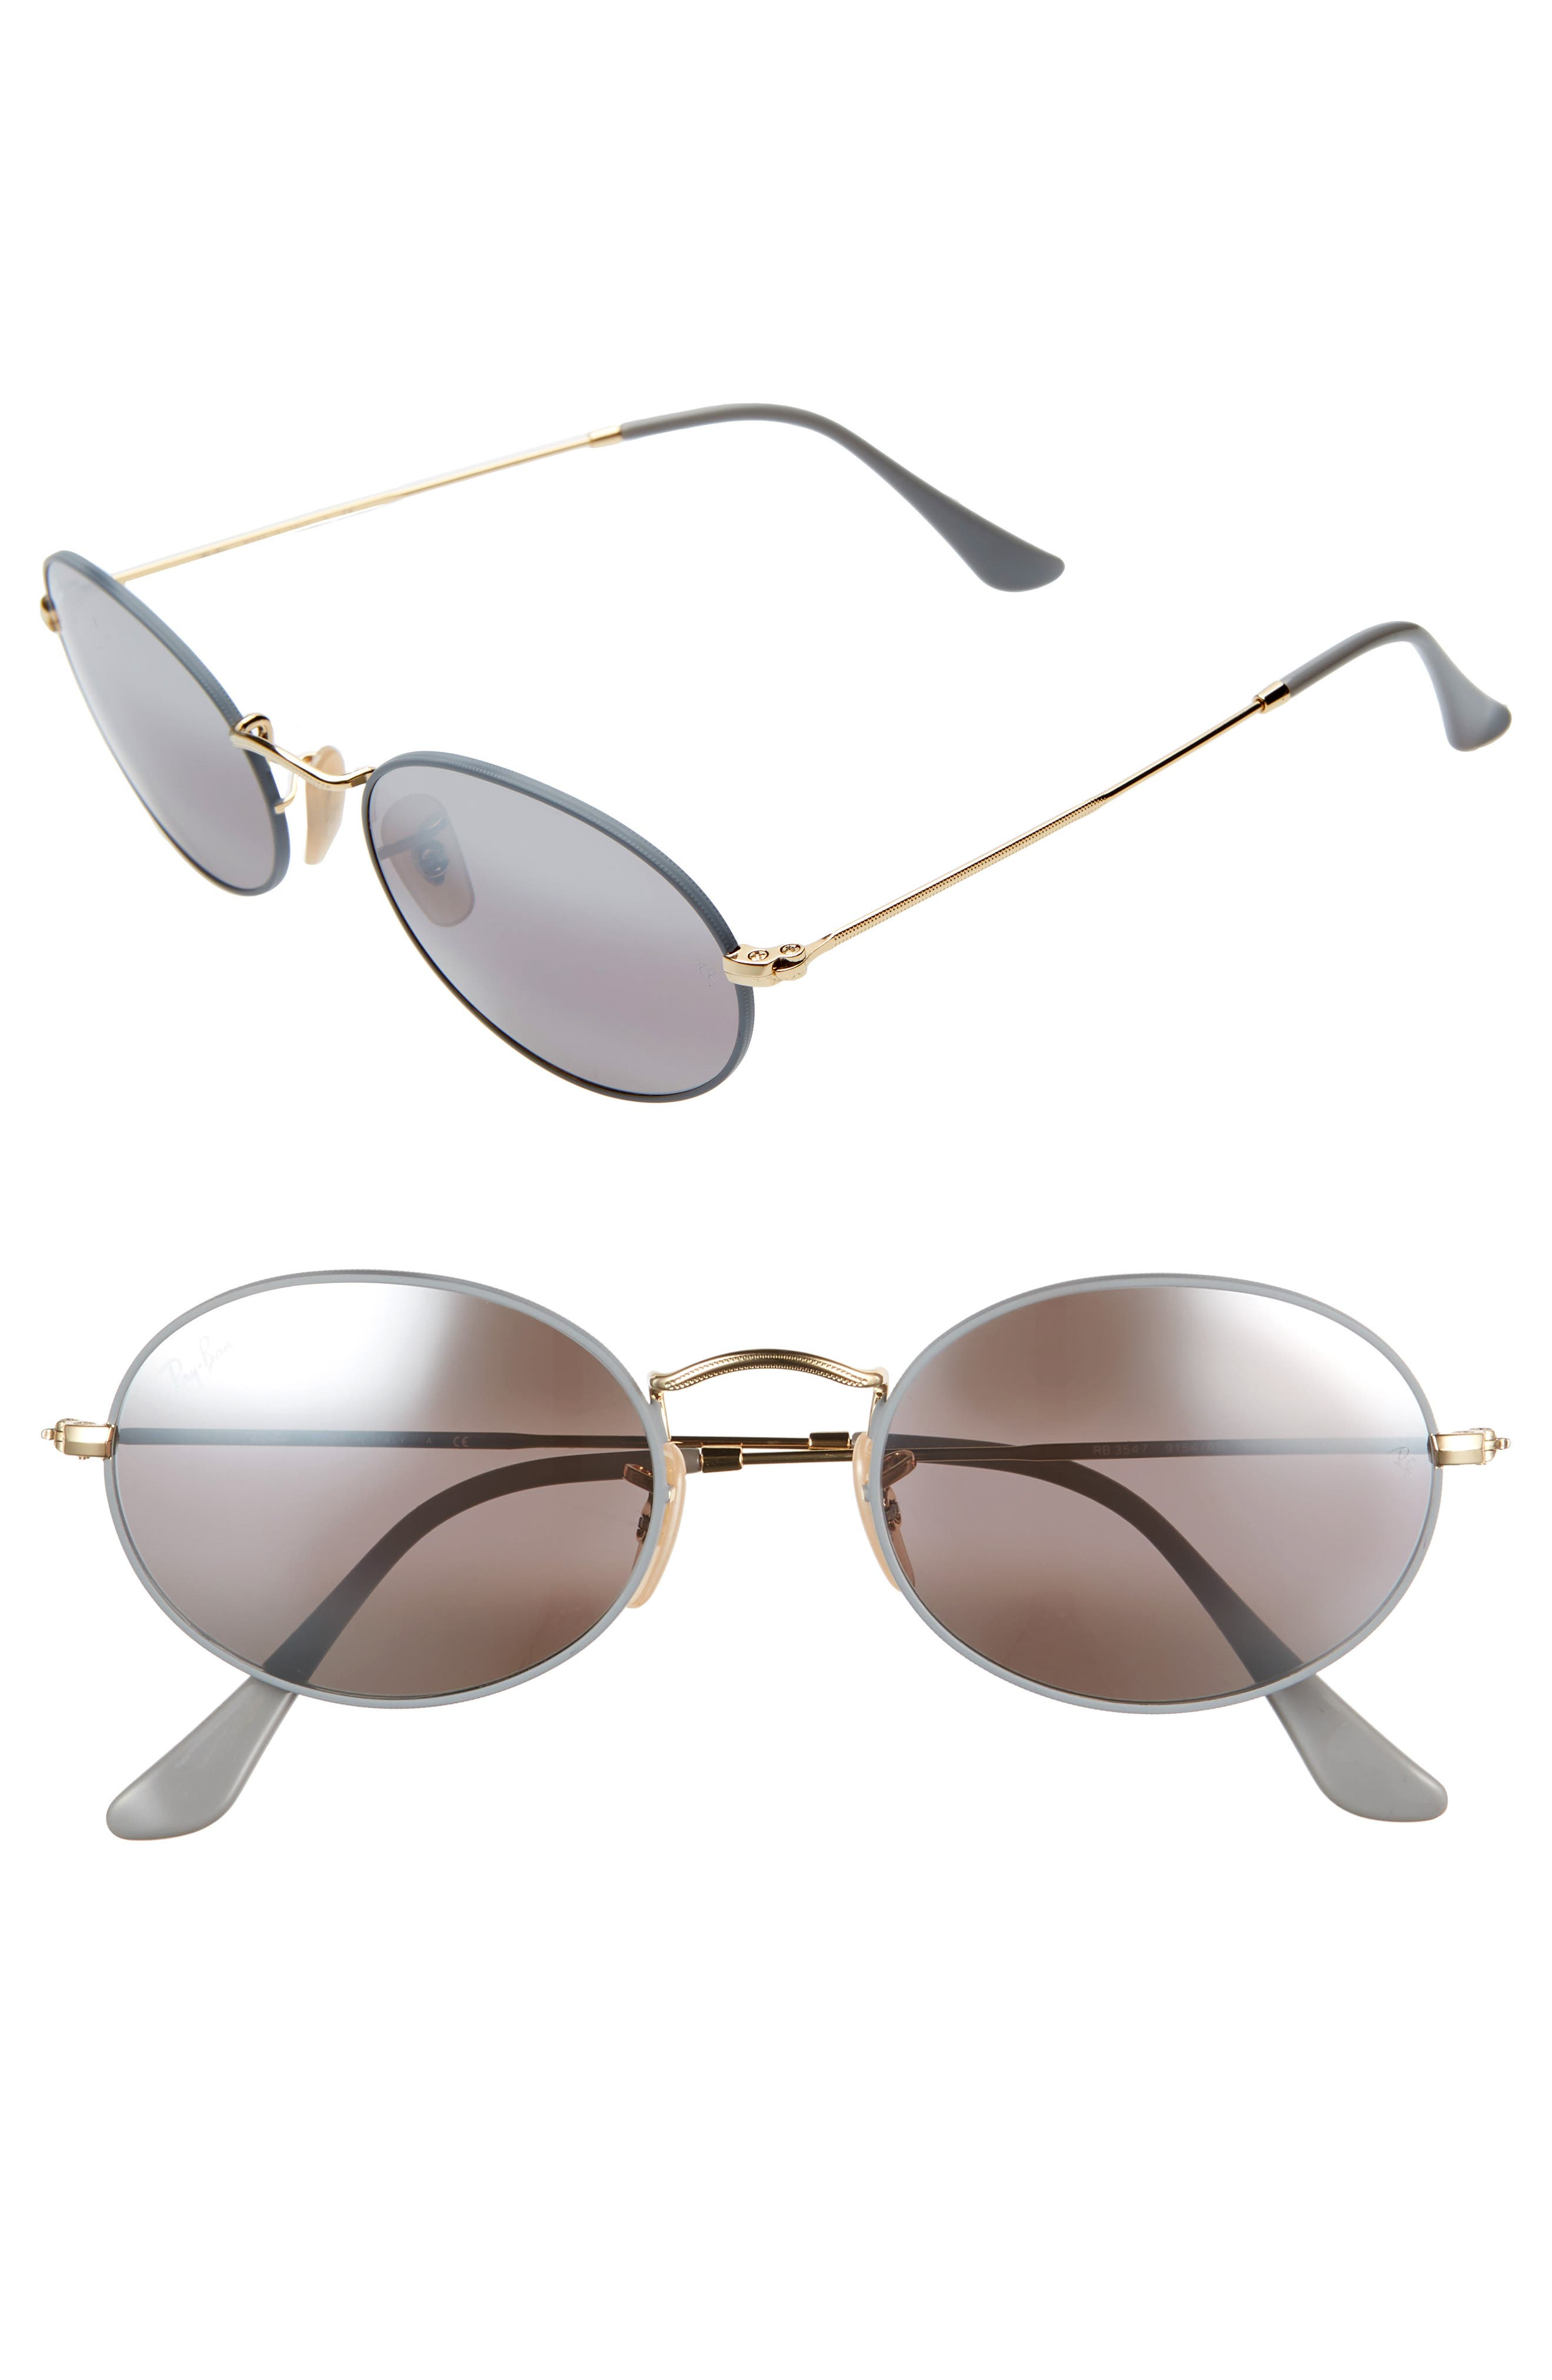 RAY-BAN, 54mm Oval Sunglasses, Main thumbnail 1, color, GOLD GREY